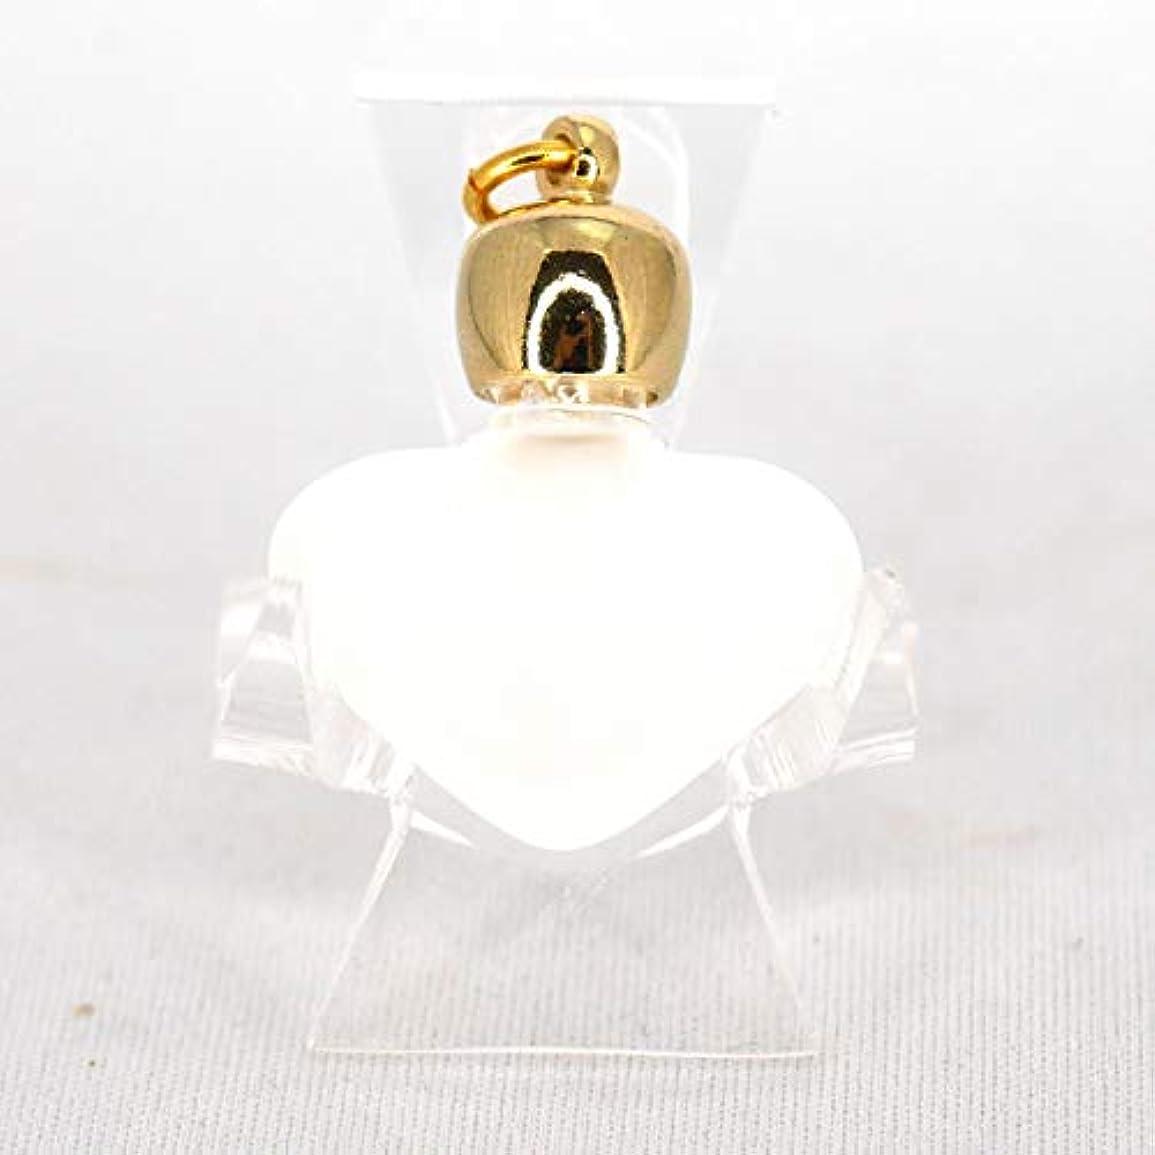 警告する自宅で週末ミニ香水瓶 アロマペンダントトップ ハートフロスト(すりガラス)0.8ml?ゴールド?穴あきキャップ、パッキン付属【アロマオイル?メモリーオイル入れにオススメ】